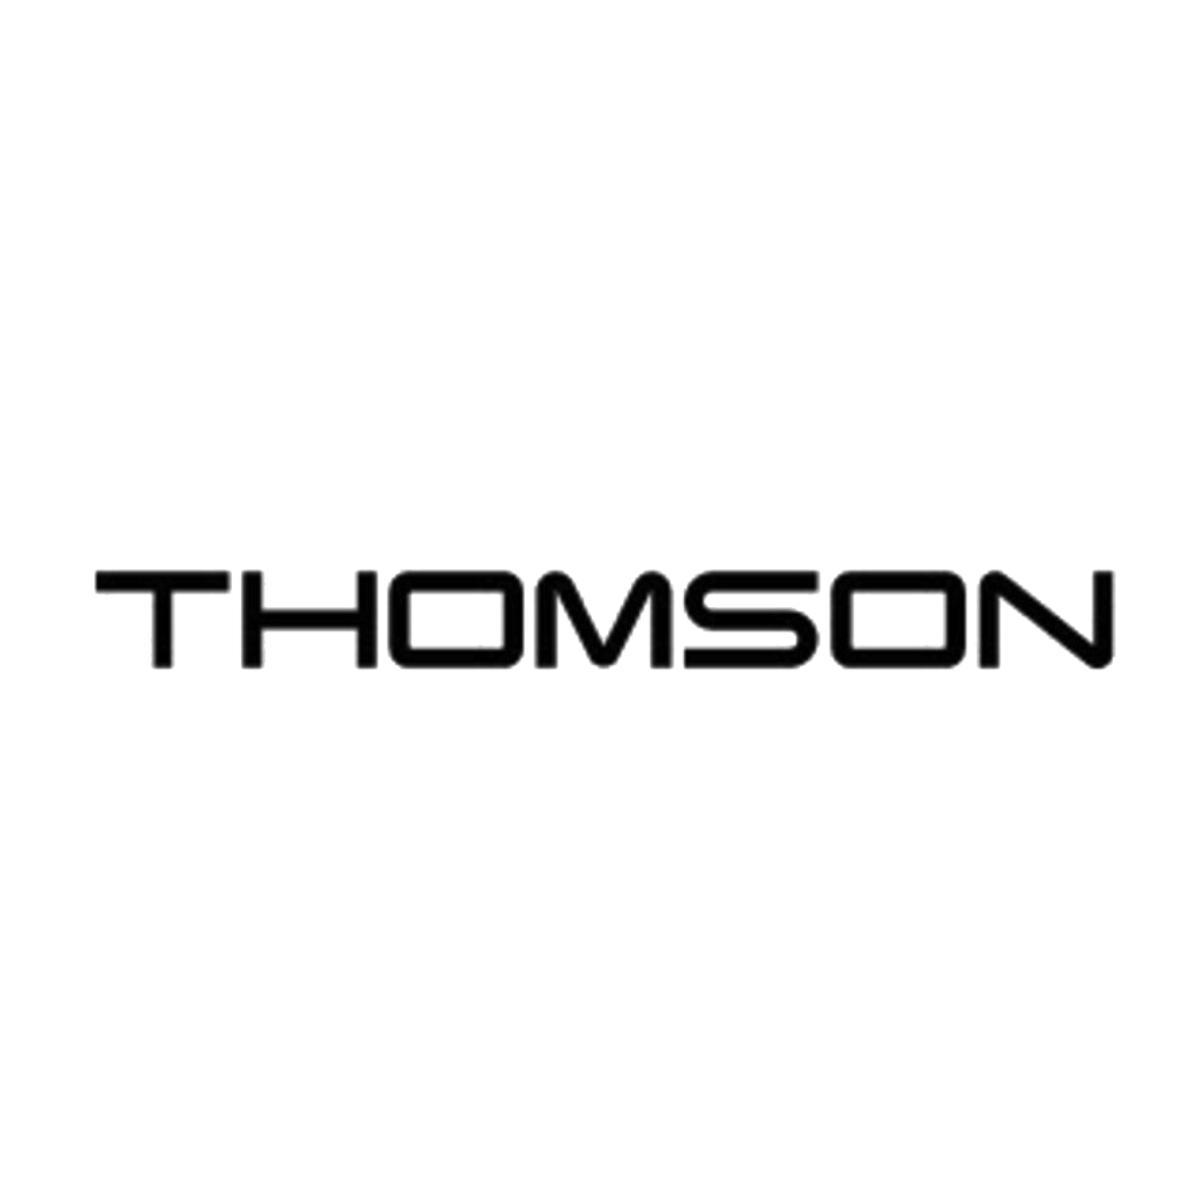 【取寄せ商品】THOMSON(トムソン) ALUMINUM ROAD BAR, ROUND PROFILE(アルミニウム ロード バー,ラウンド プロファイル)